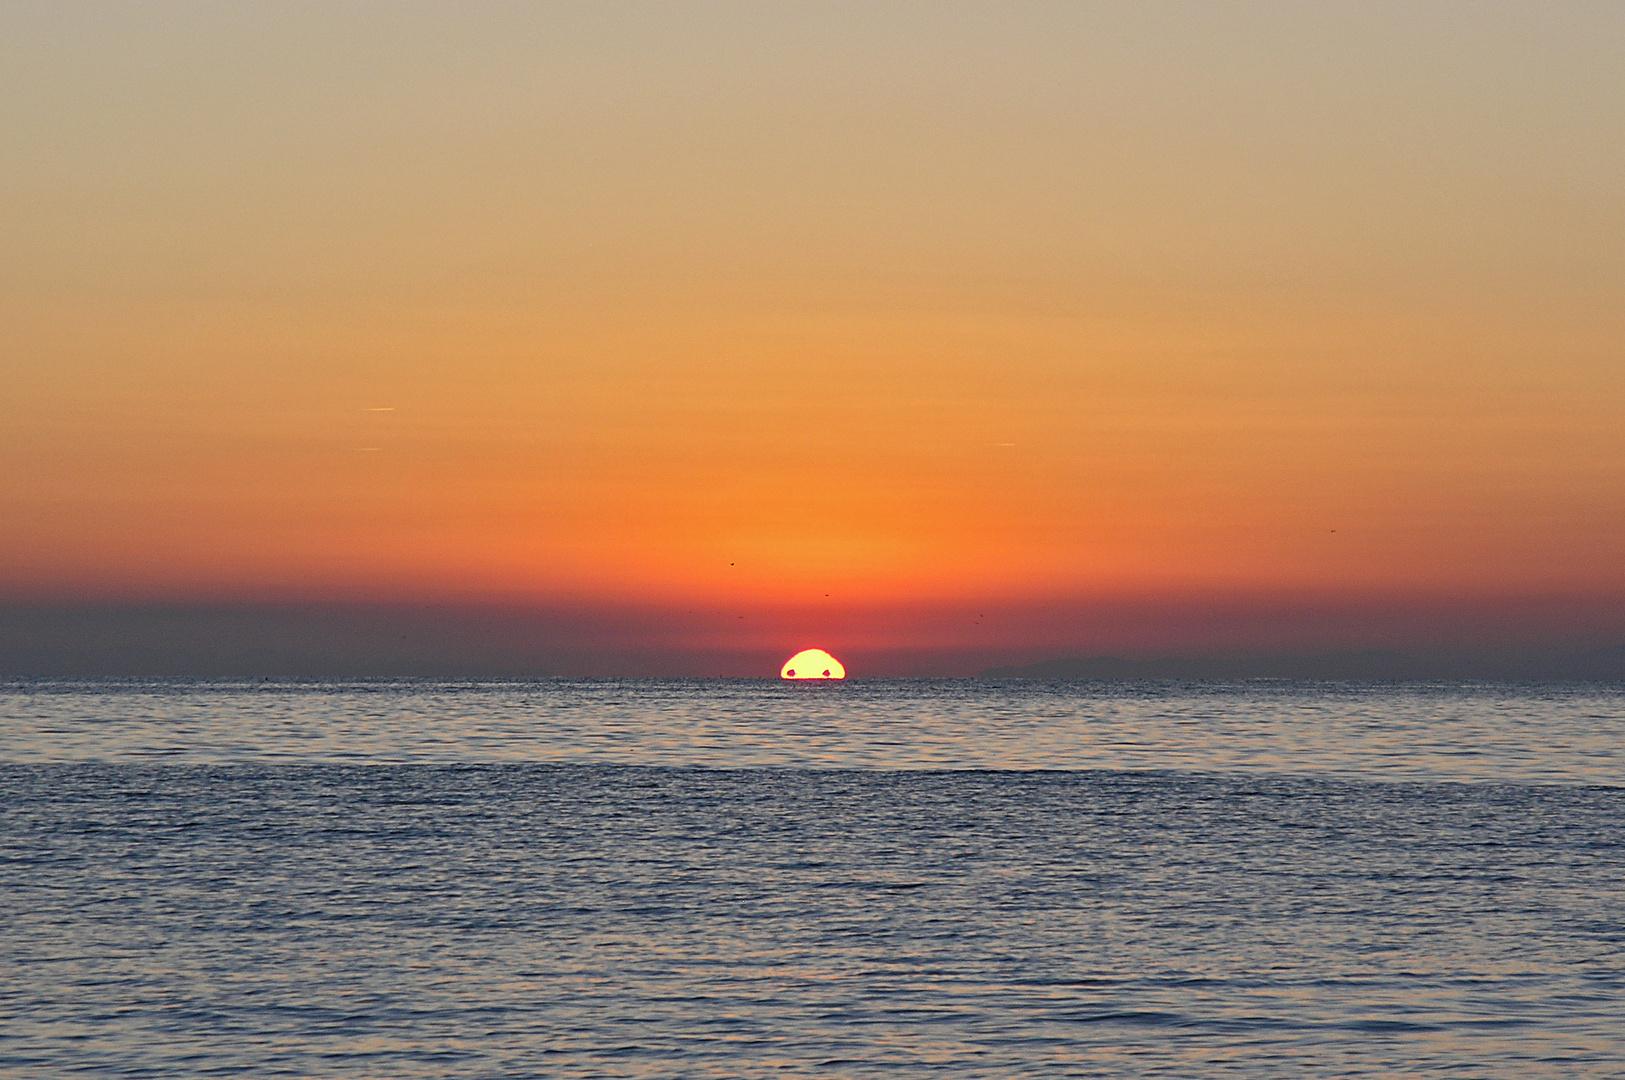 Die Sonne hat zwei Augen – oder sind es doch nur Schiffe?